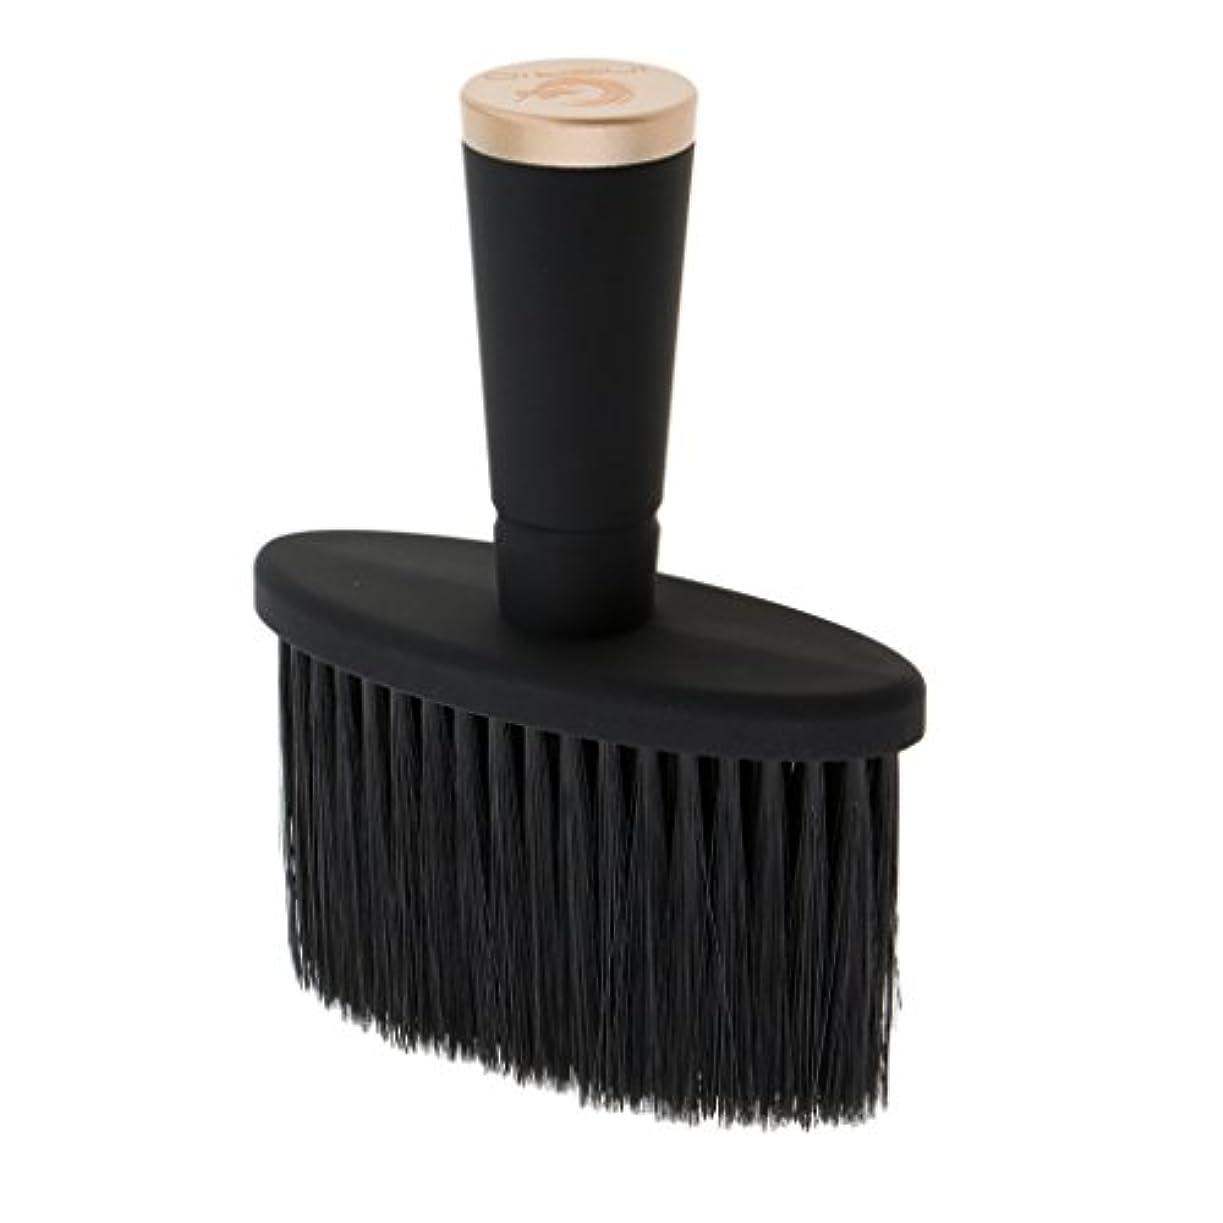 なめらか第三マザーランドPerfeclan ネックダスターブラシ ソフト ネックダスターブラシ サロン スタイリスト 理髪 メイクツール 全2色 - ゴールド